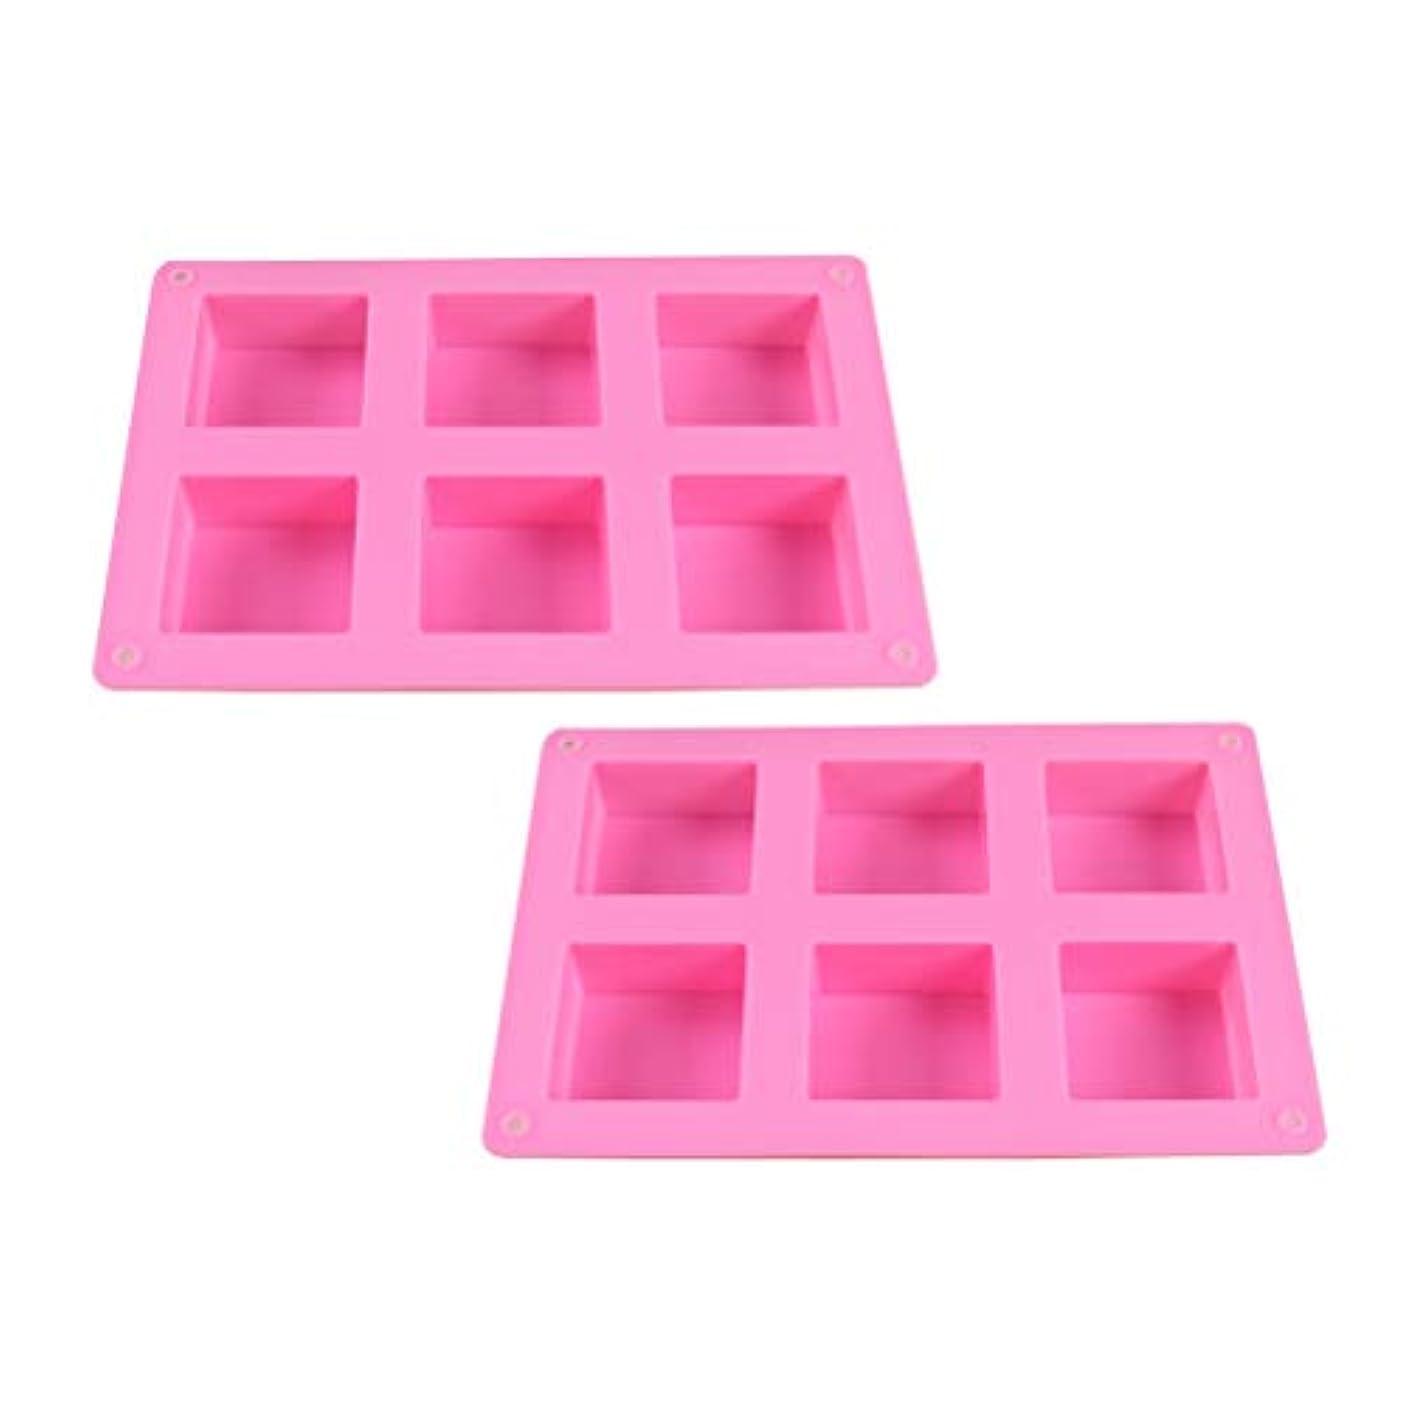 郵便偽物スパンHEALIFTY DIYのケーキのベーキング型のための6つのキャビティシリコーンの石鹸型との石鹸作りのための2PCS石鹸型